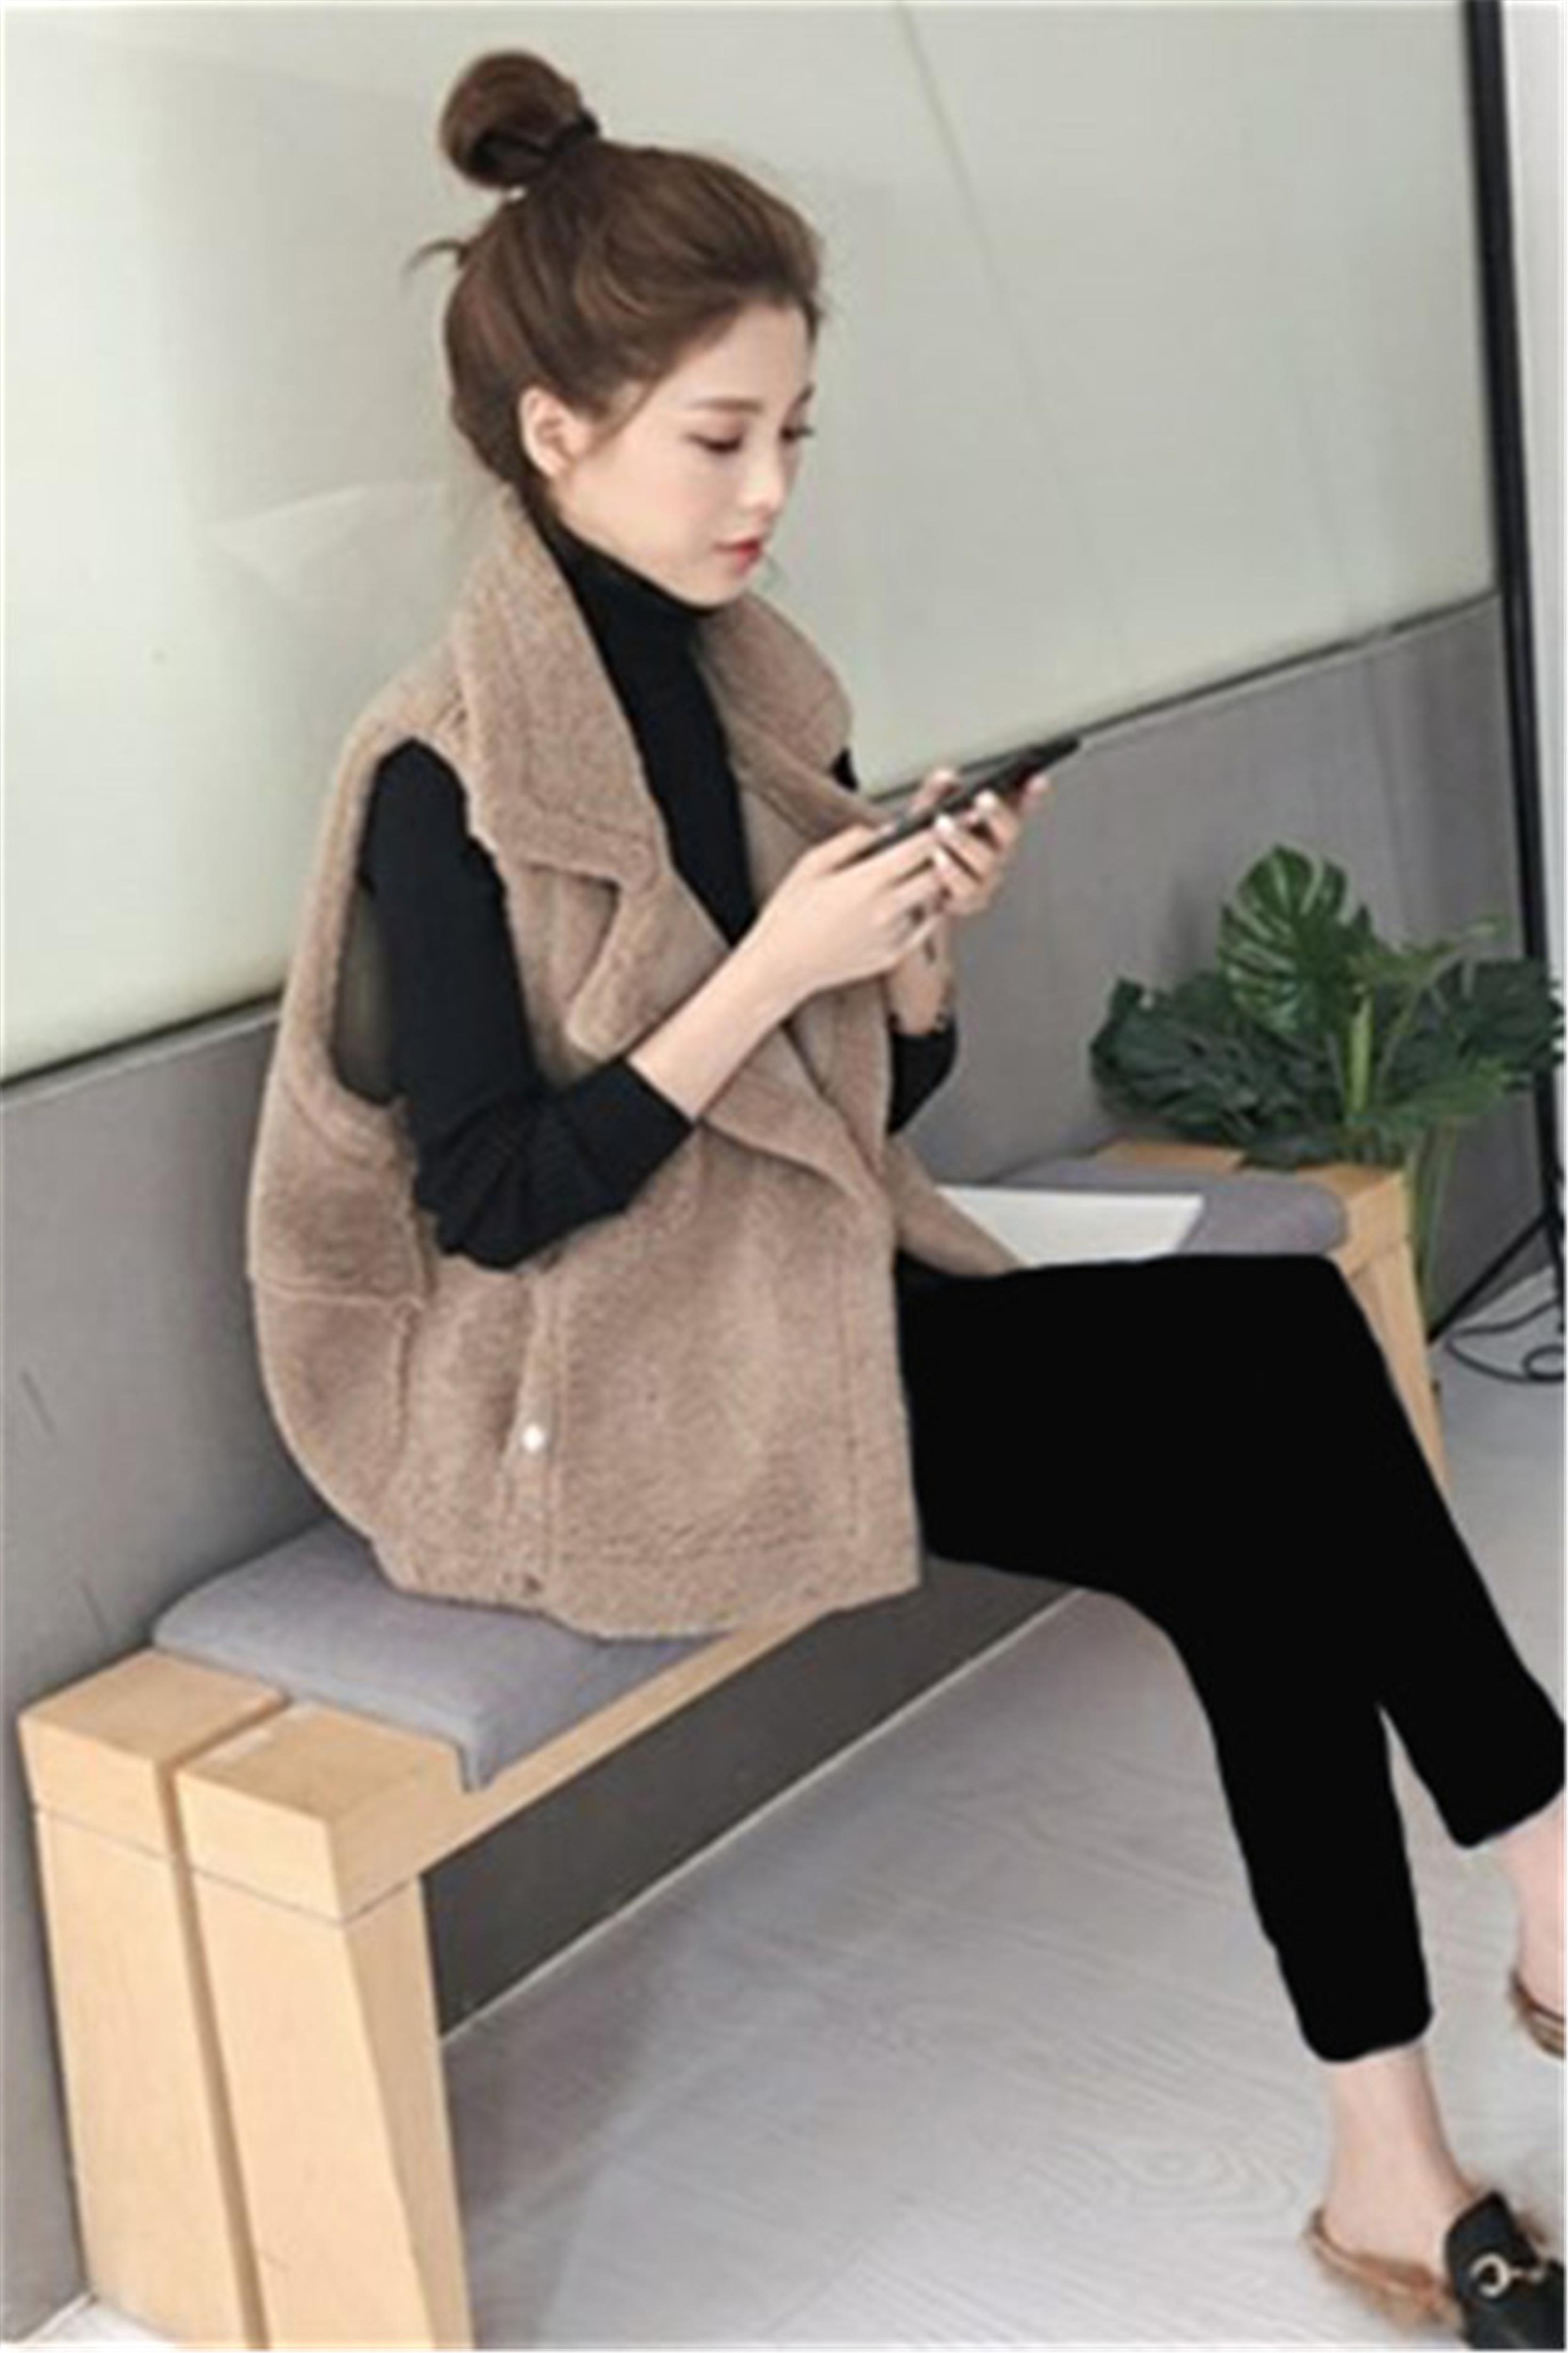 时尚两件套秋冬加厚毛绒背心马甲+高领毛衣+加绒裤子套装三件套